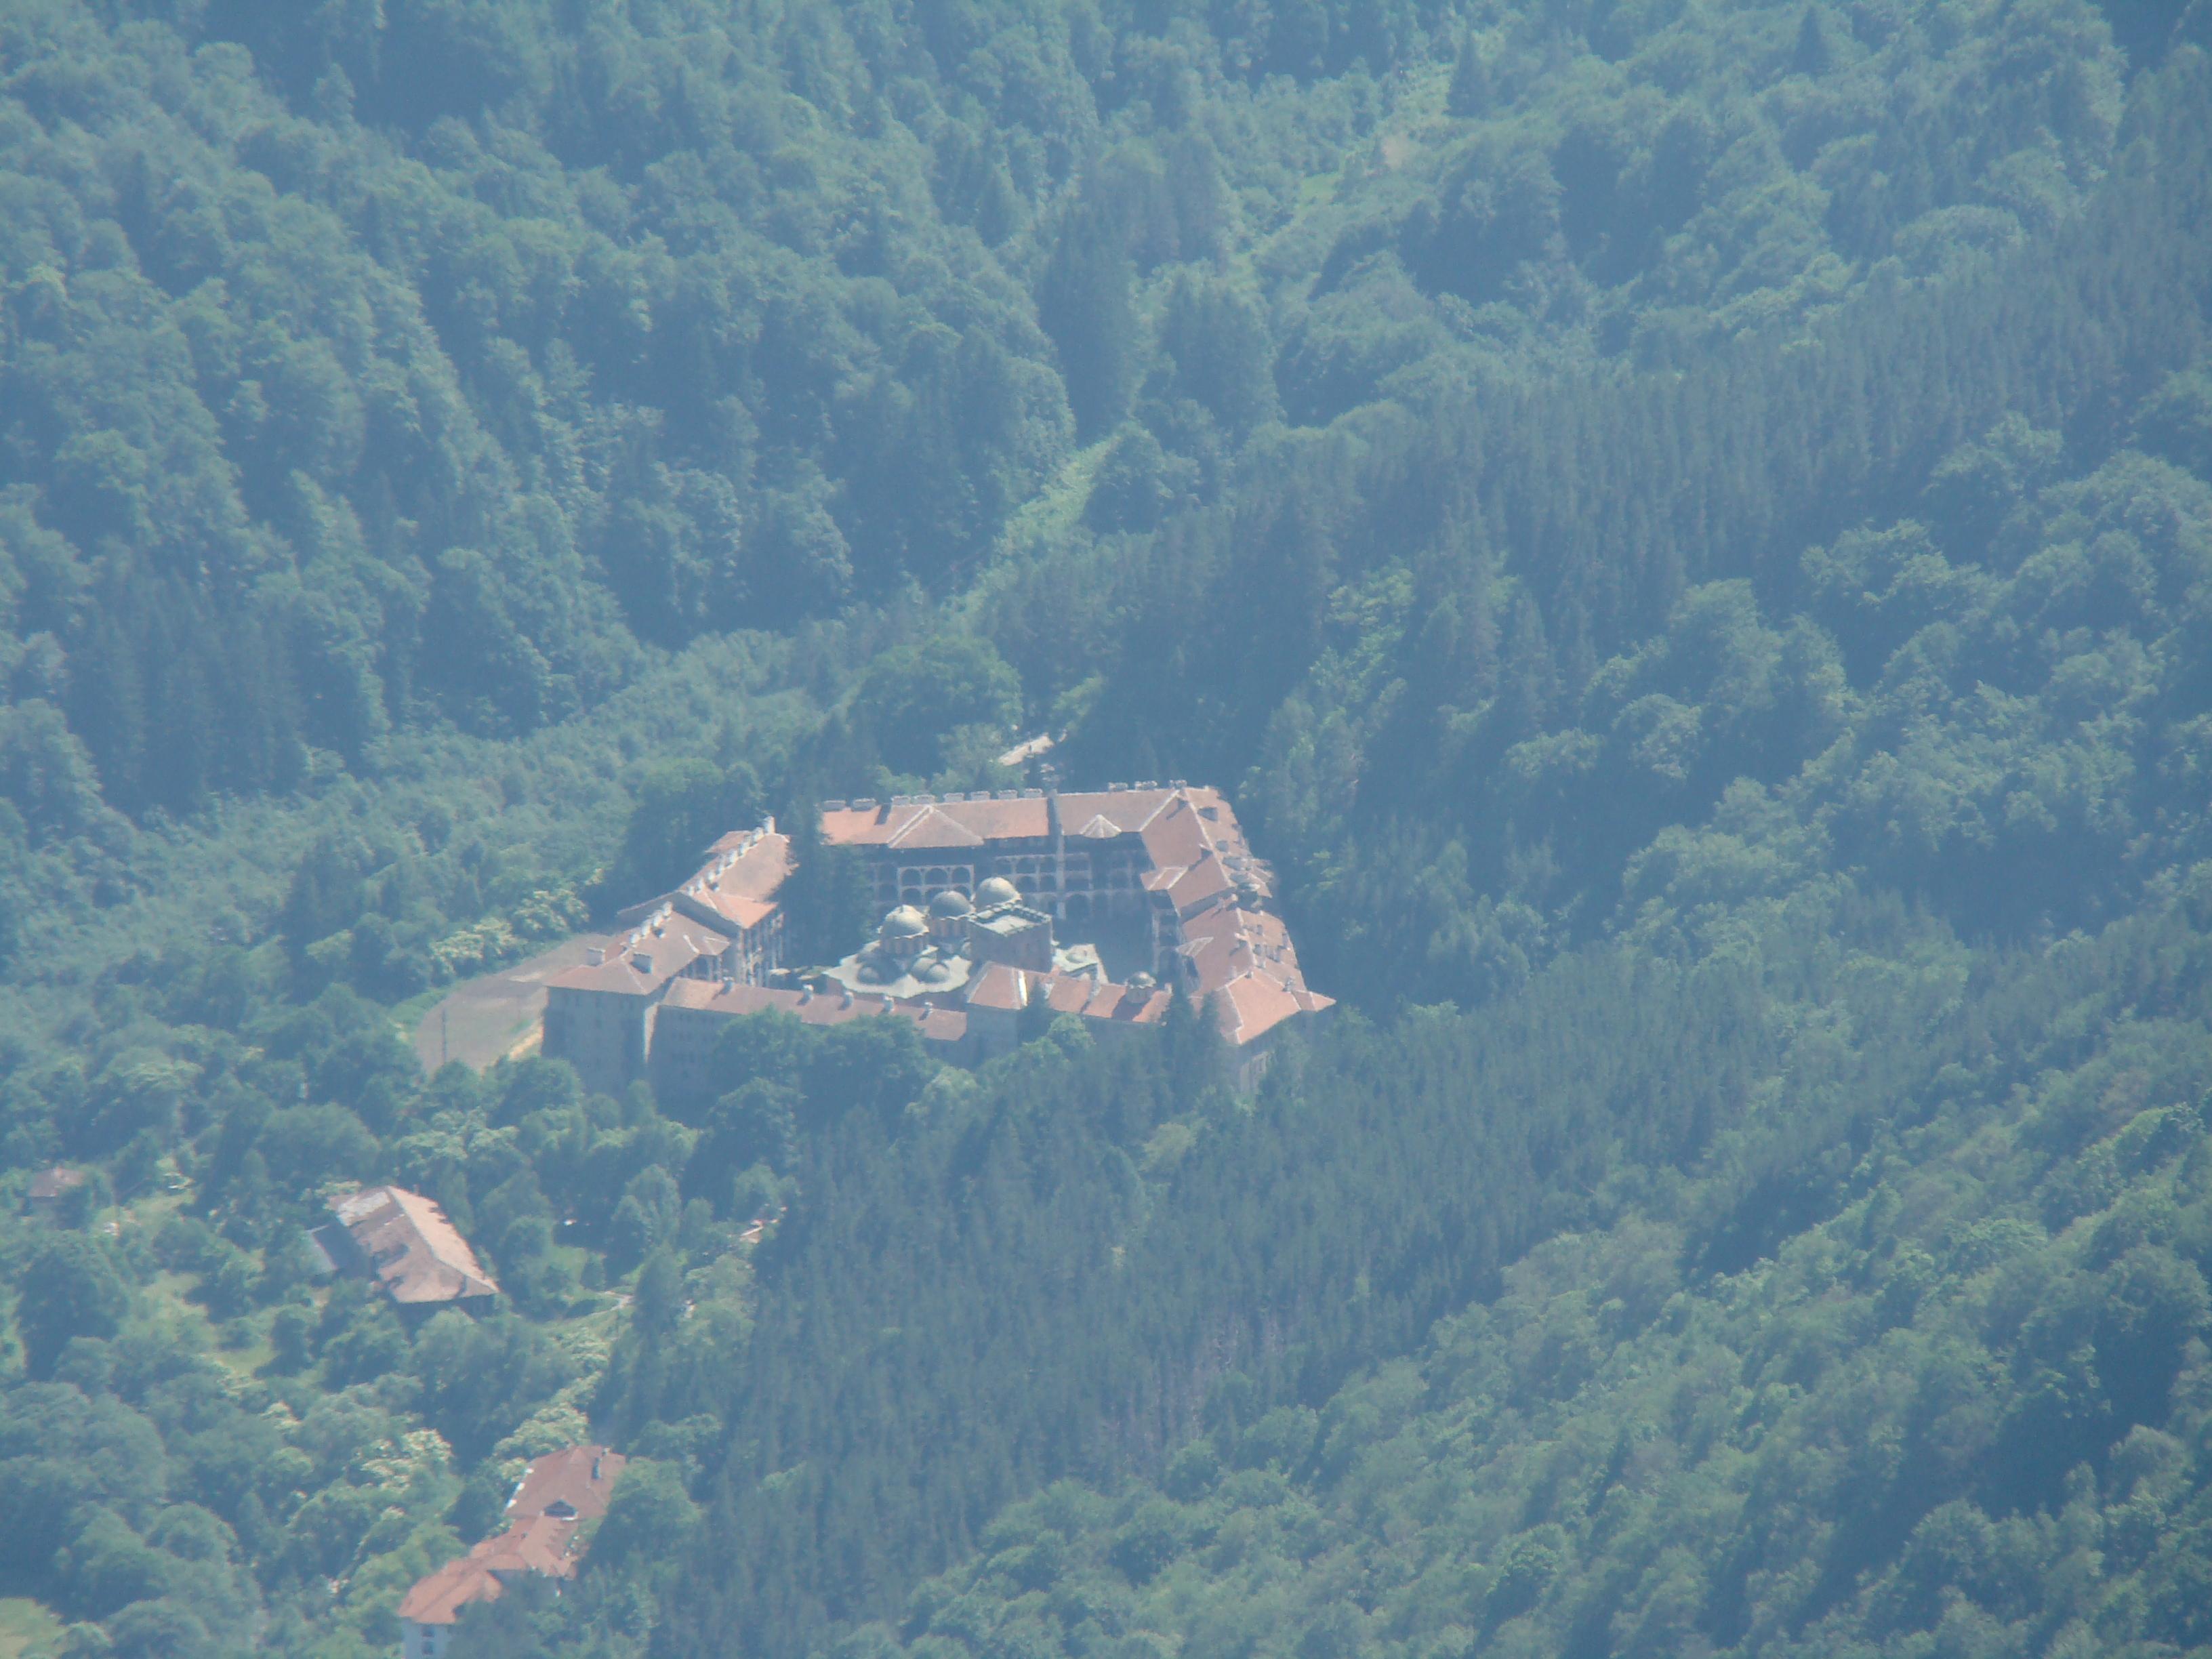 rila Monastery from above